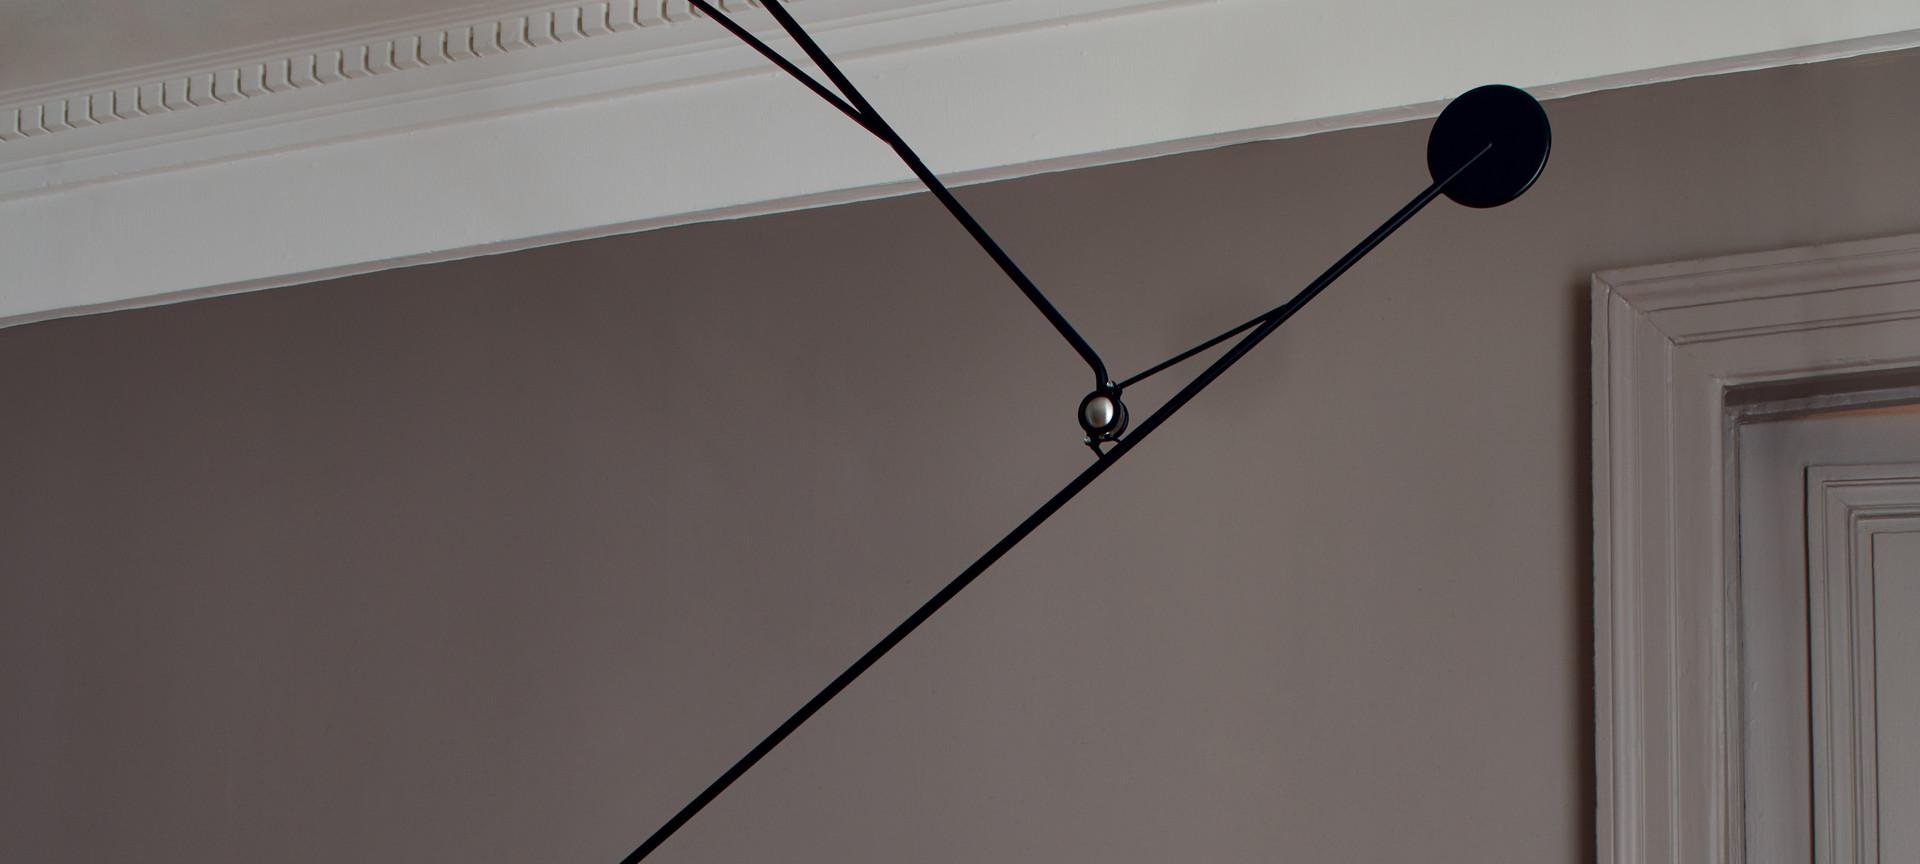 AARO Ceiling